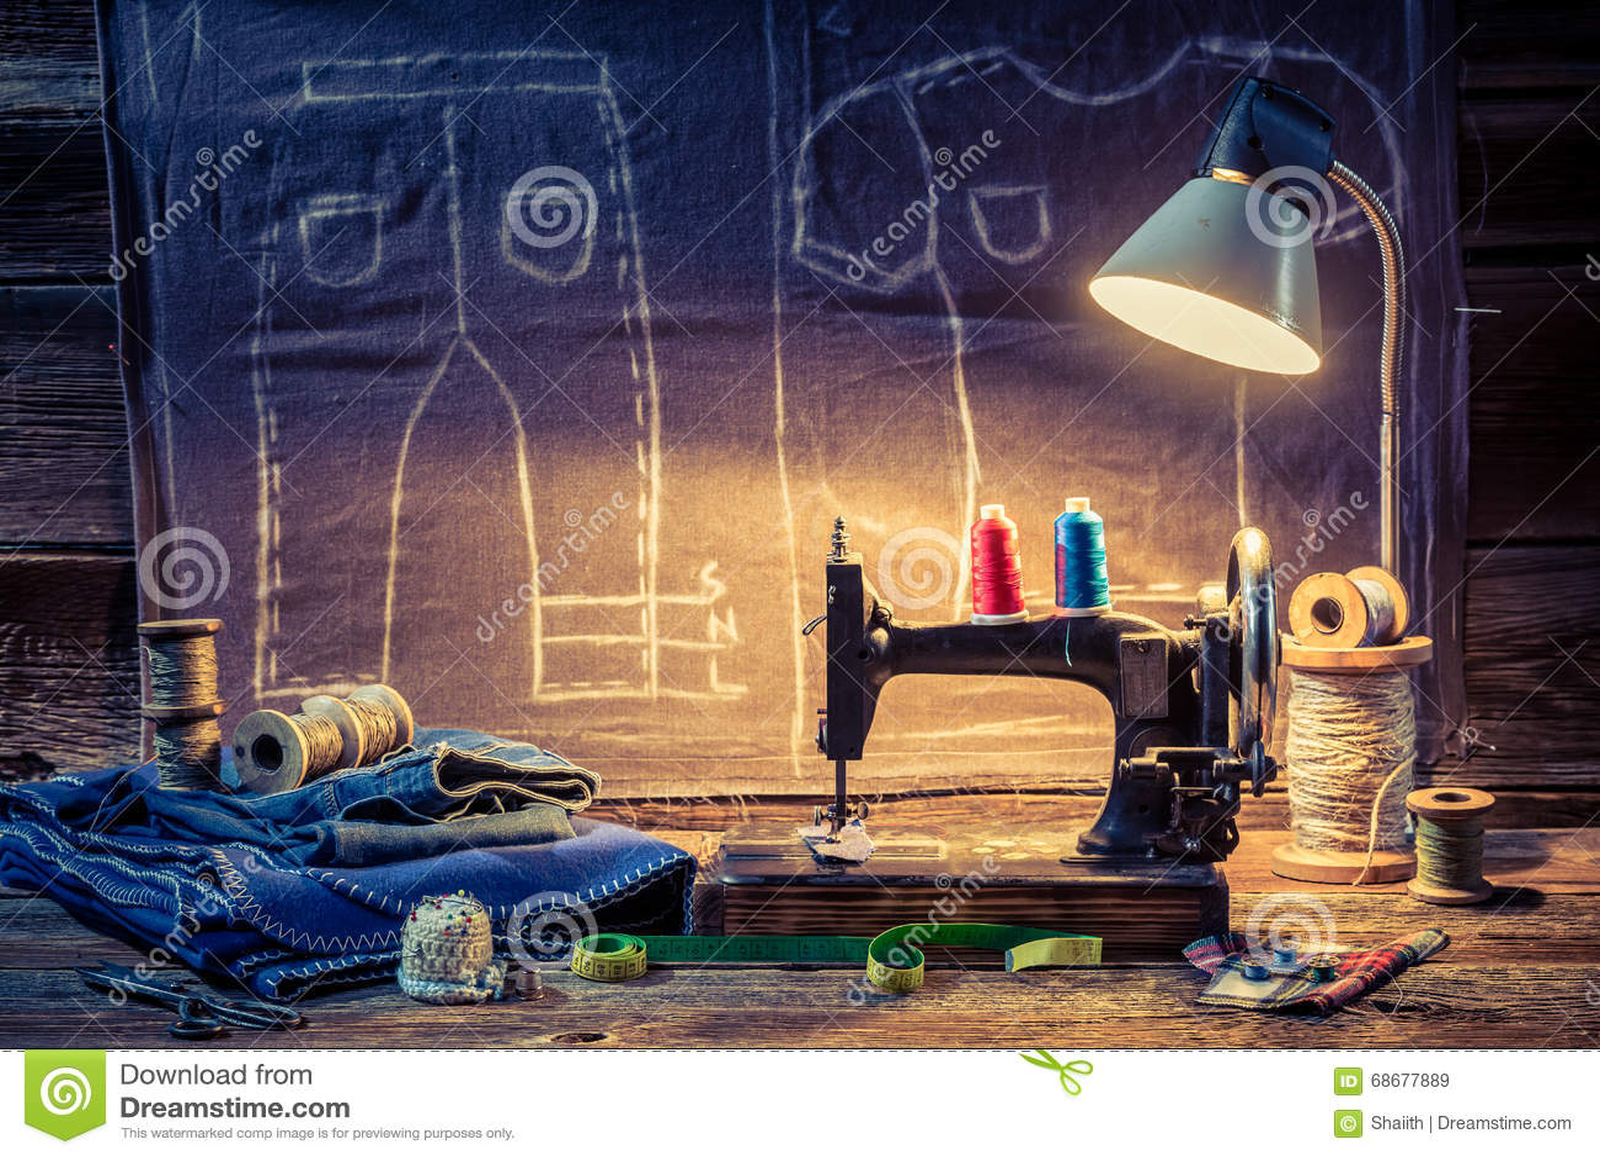 Costure a oficina com pano, máquina de costura e tesouras